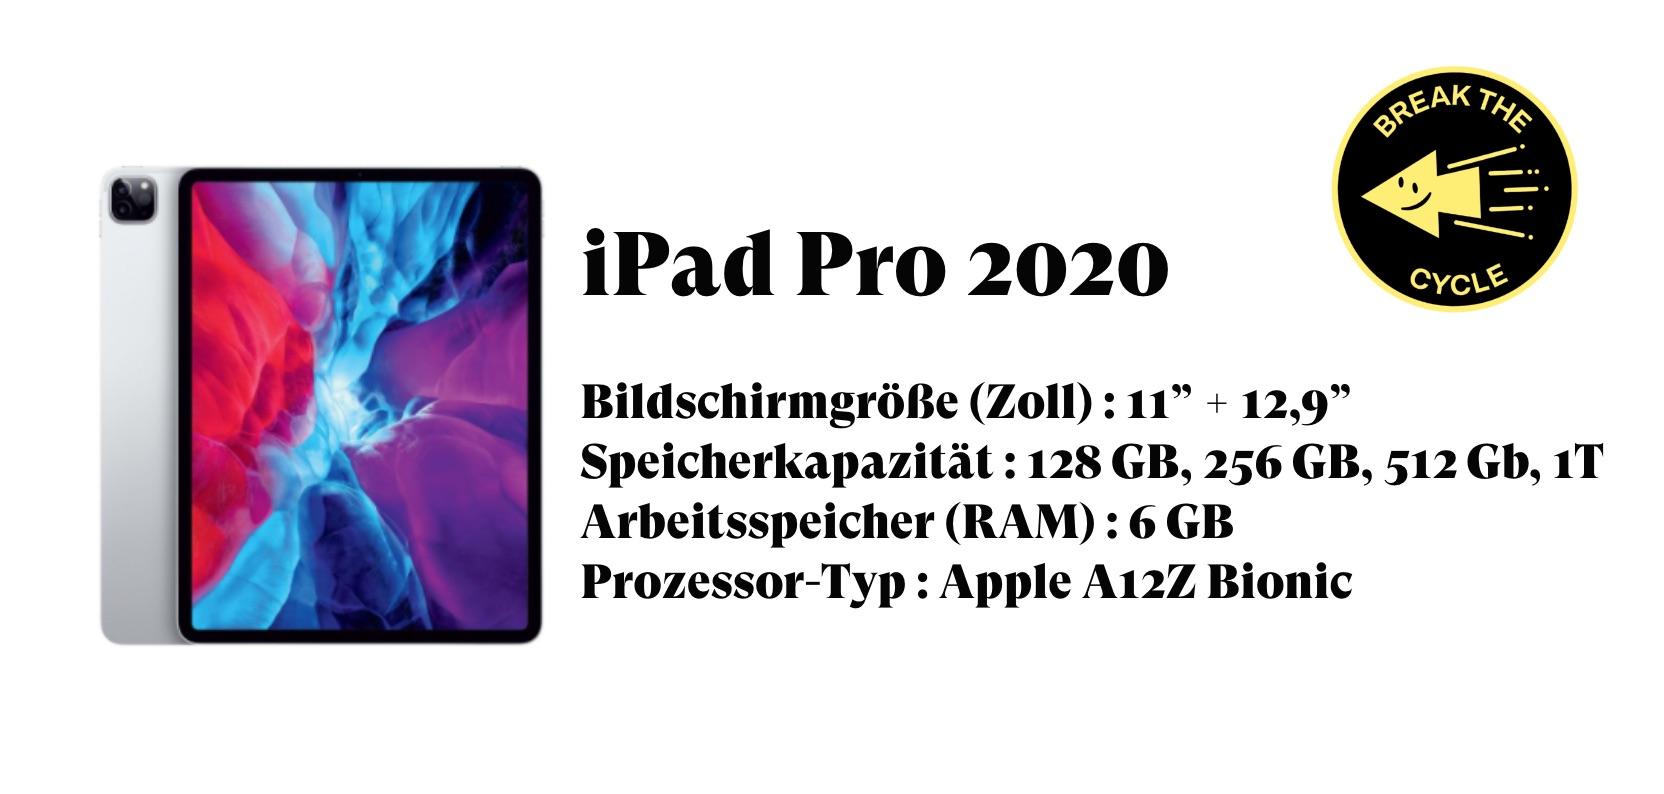 iPad Pro 2020 technische details